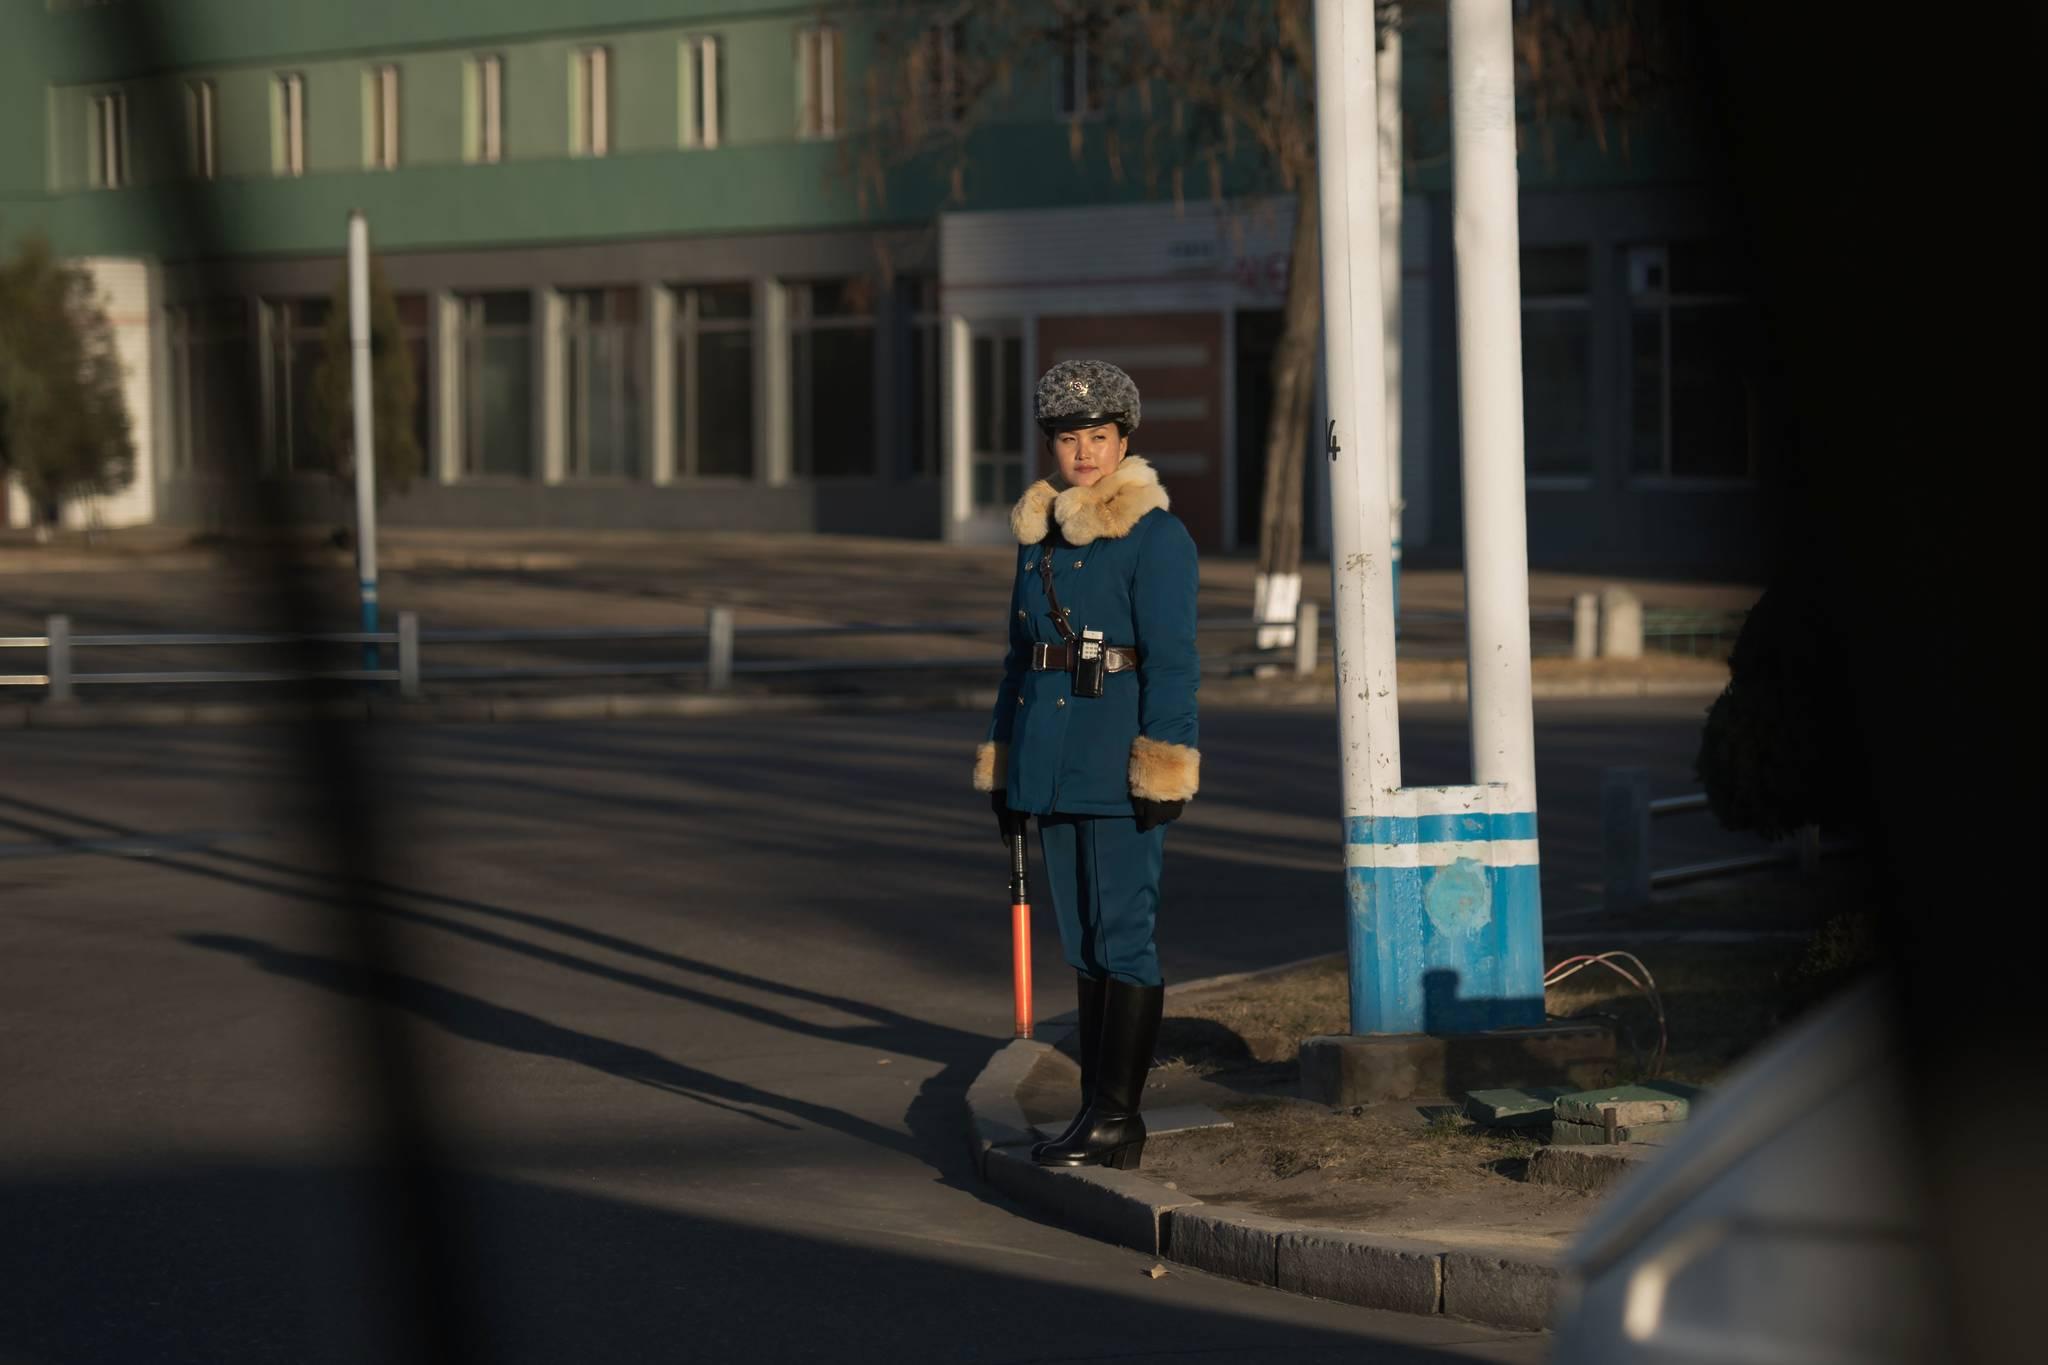 지난해 11월28일 북한 평양 시내 교차로에서 교통지도를 하고 있는 여성 교통보안원.[AFP=연합뉴스]